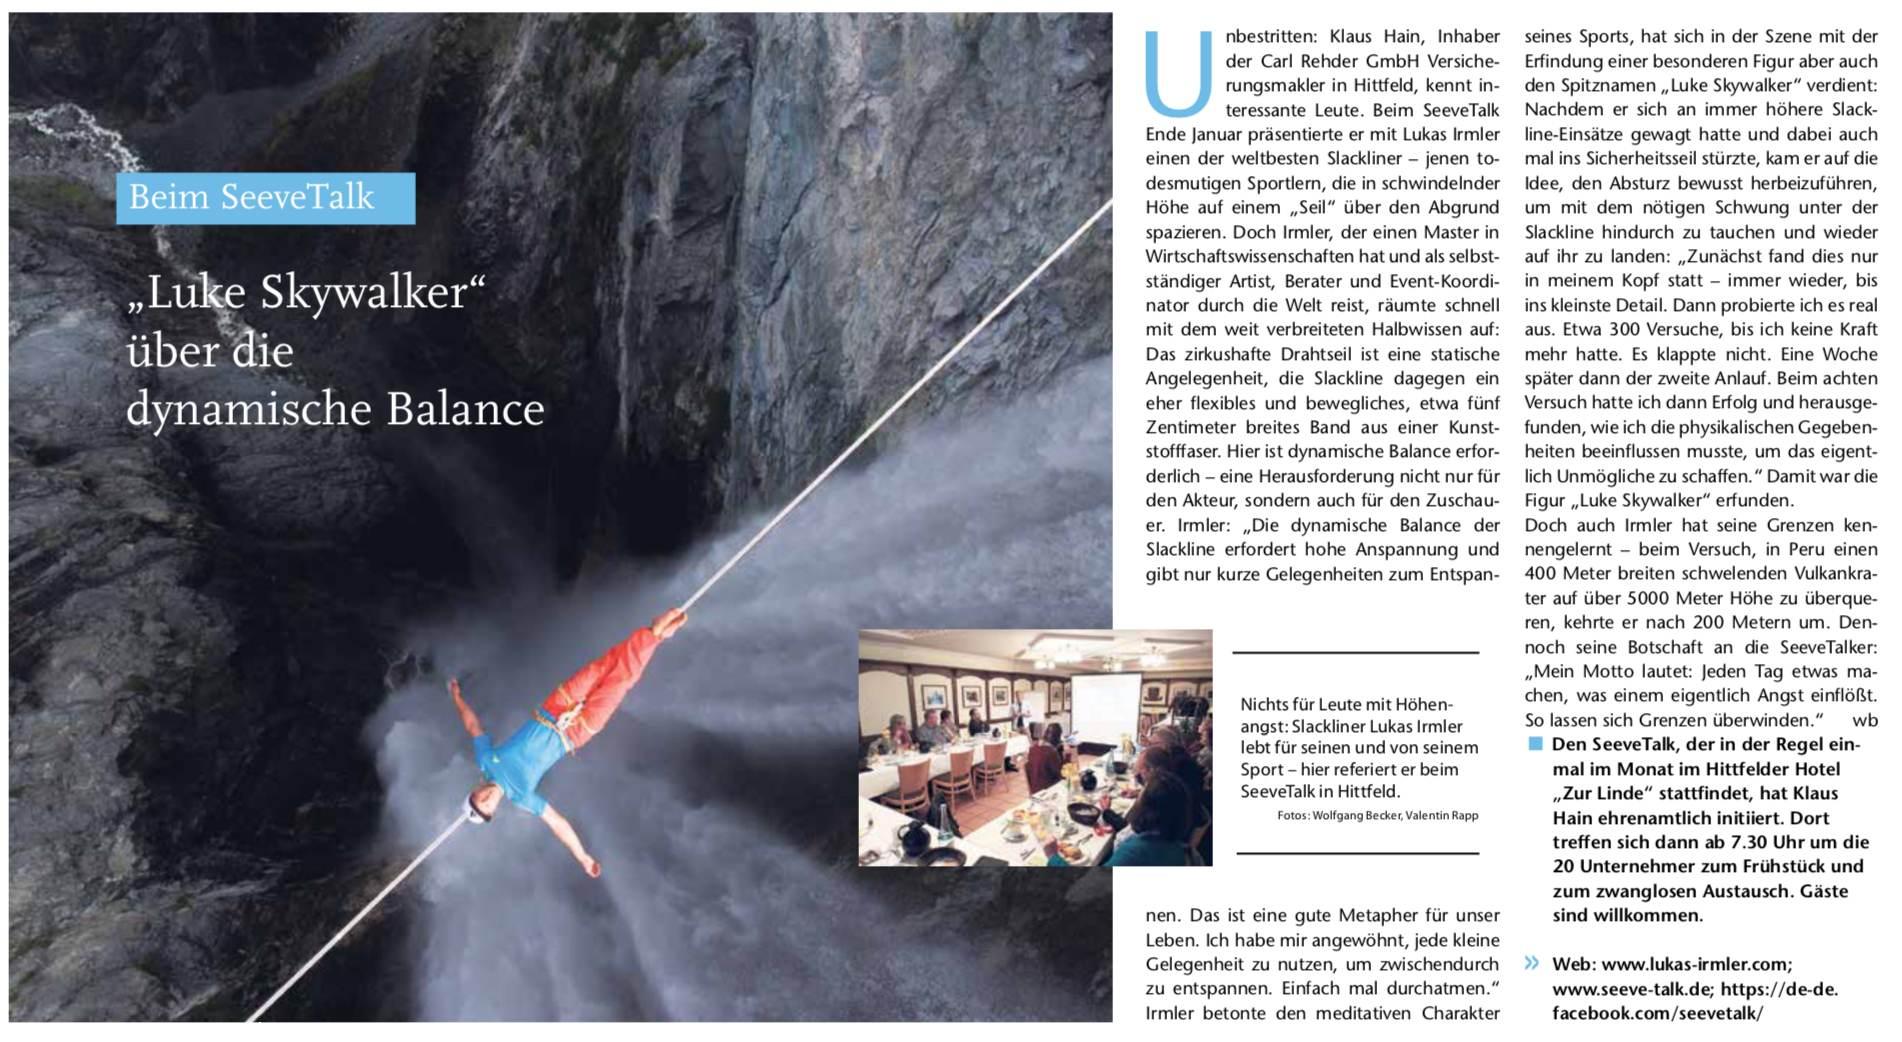 Beim Seevetalk: Luke Skywalker über die dynamische Balance